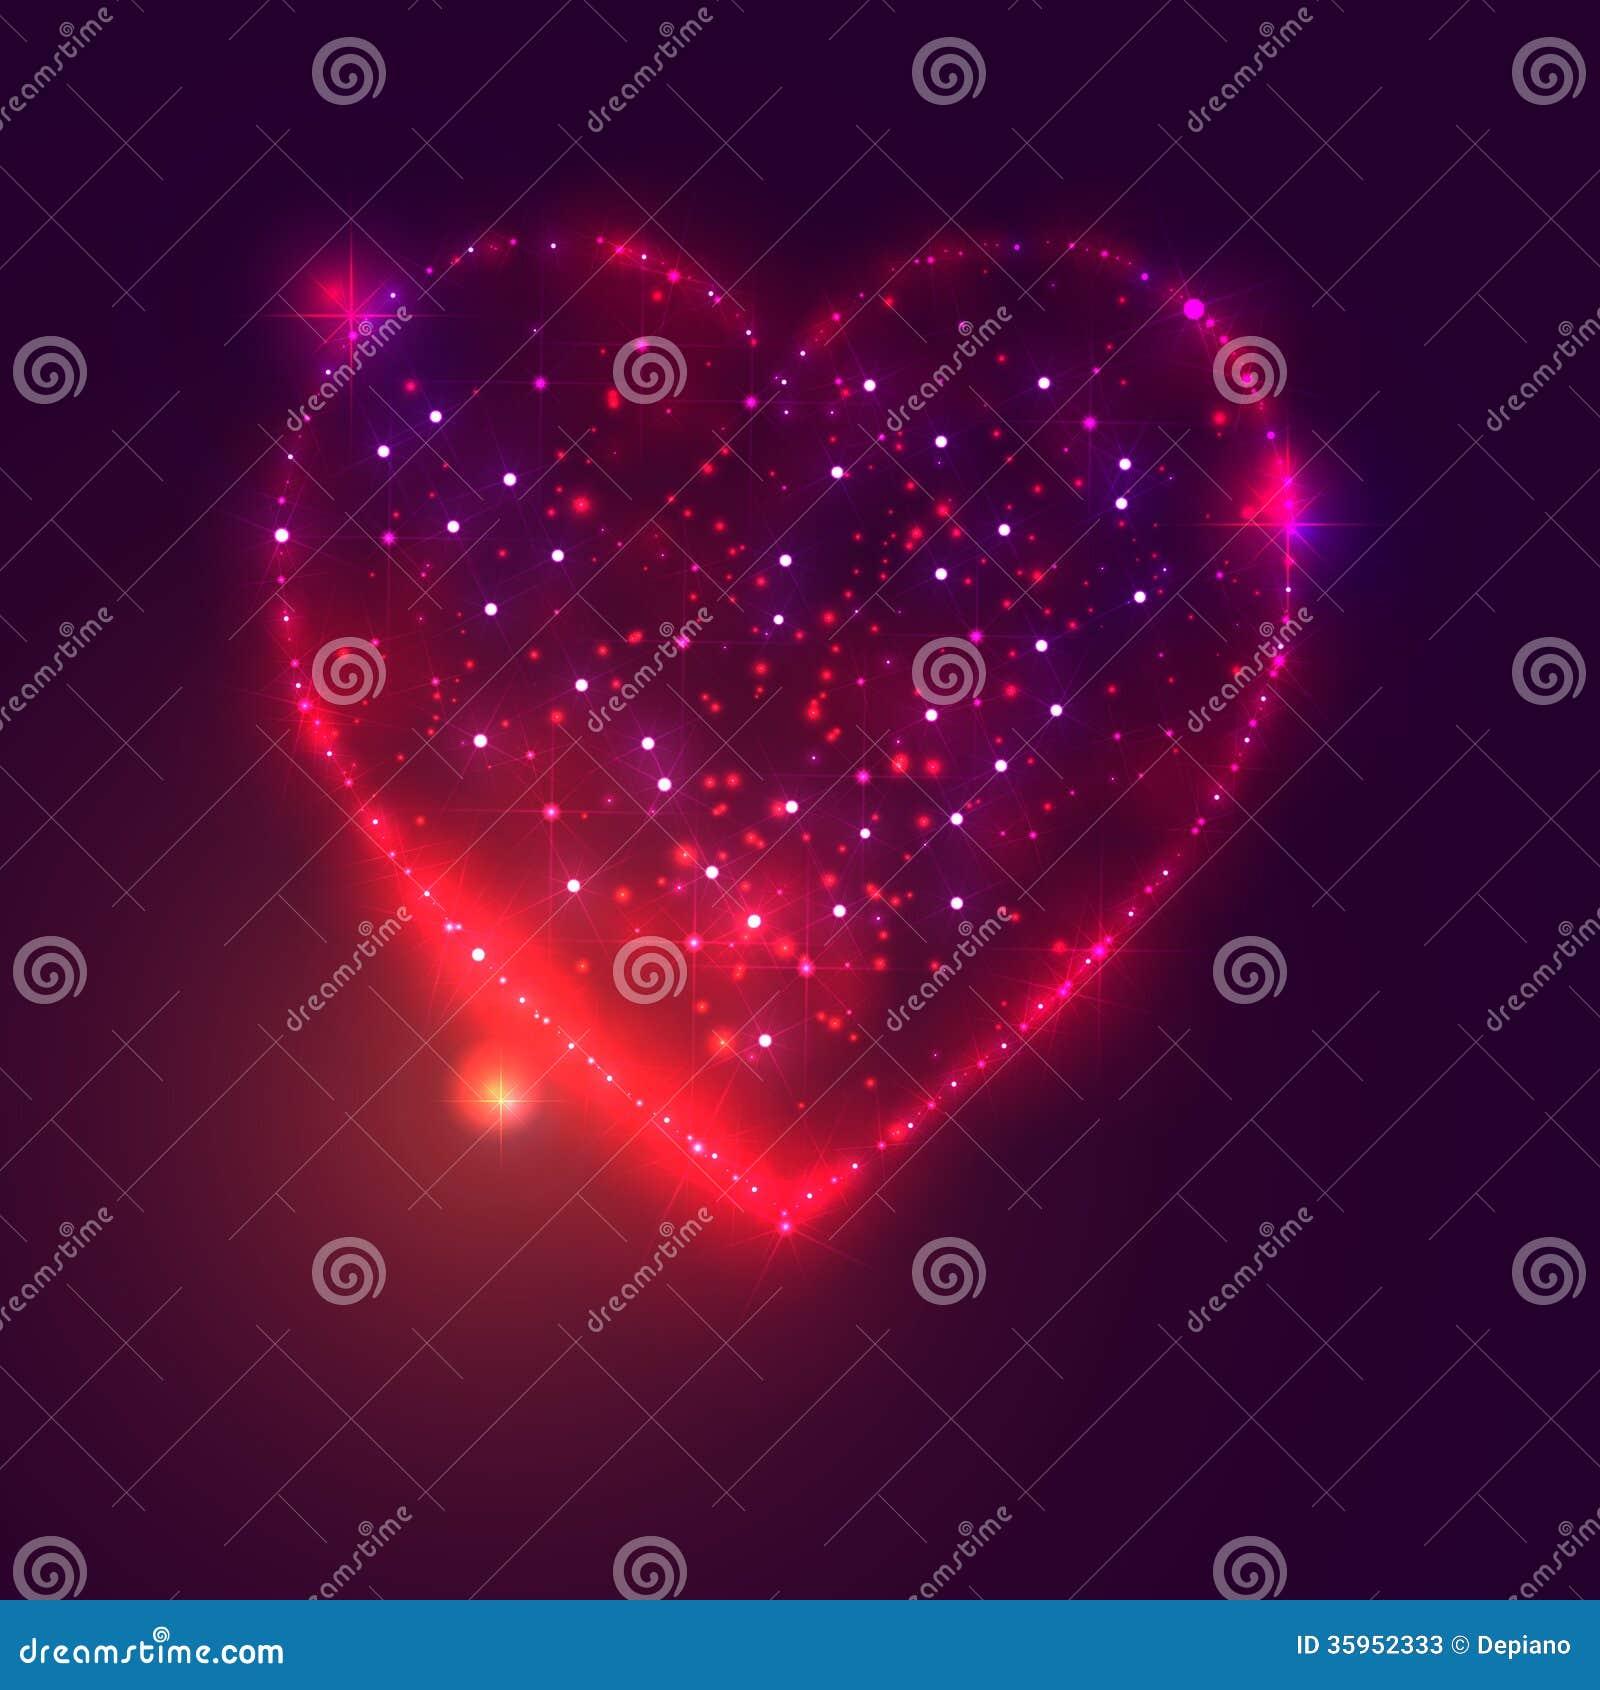 Fond De Coeur D Amour De Belles Etoiles Lumineuses Illustration De Vecteur Illustration Du Belles Etoiles 35952333